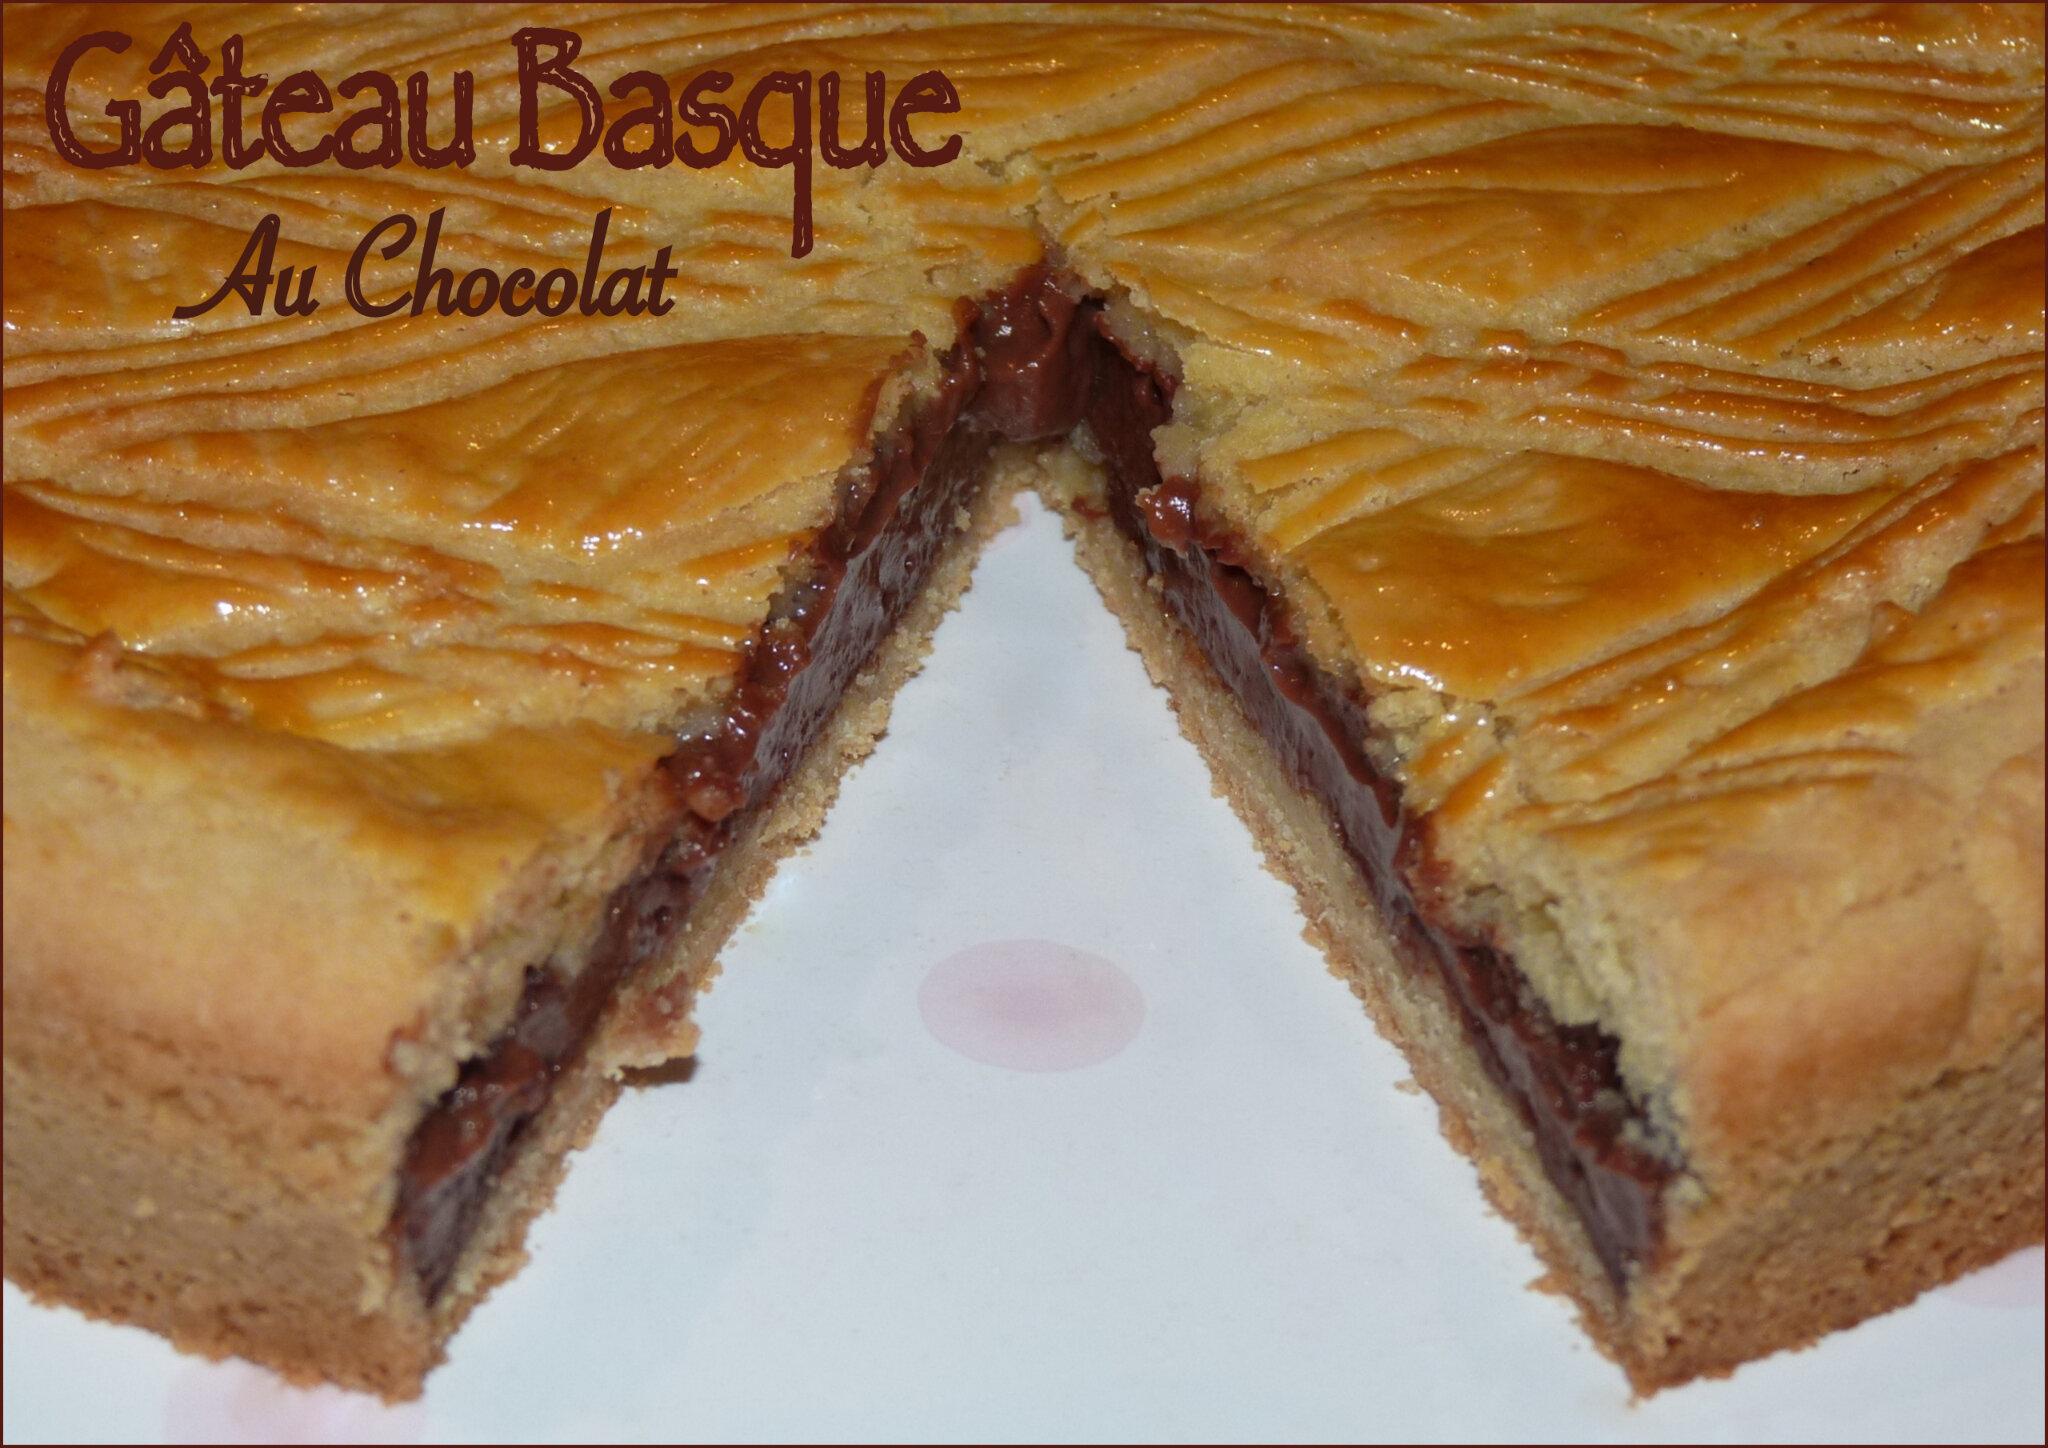 Recette gateau basque tout chocolat